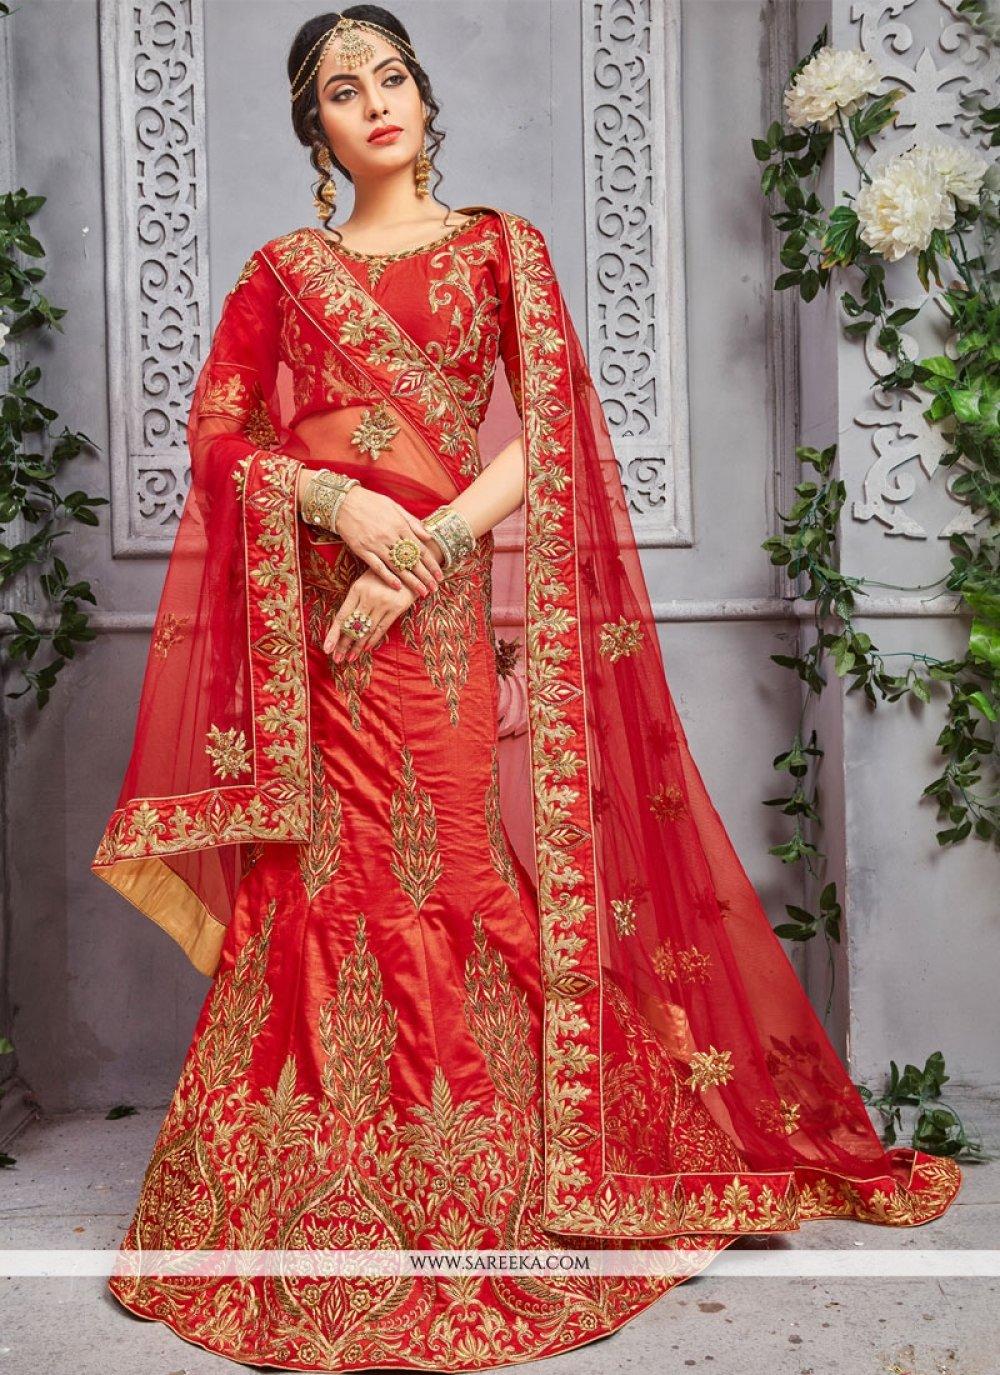 Resham Work Red Art Silk Lehenga Choli